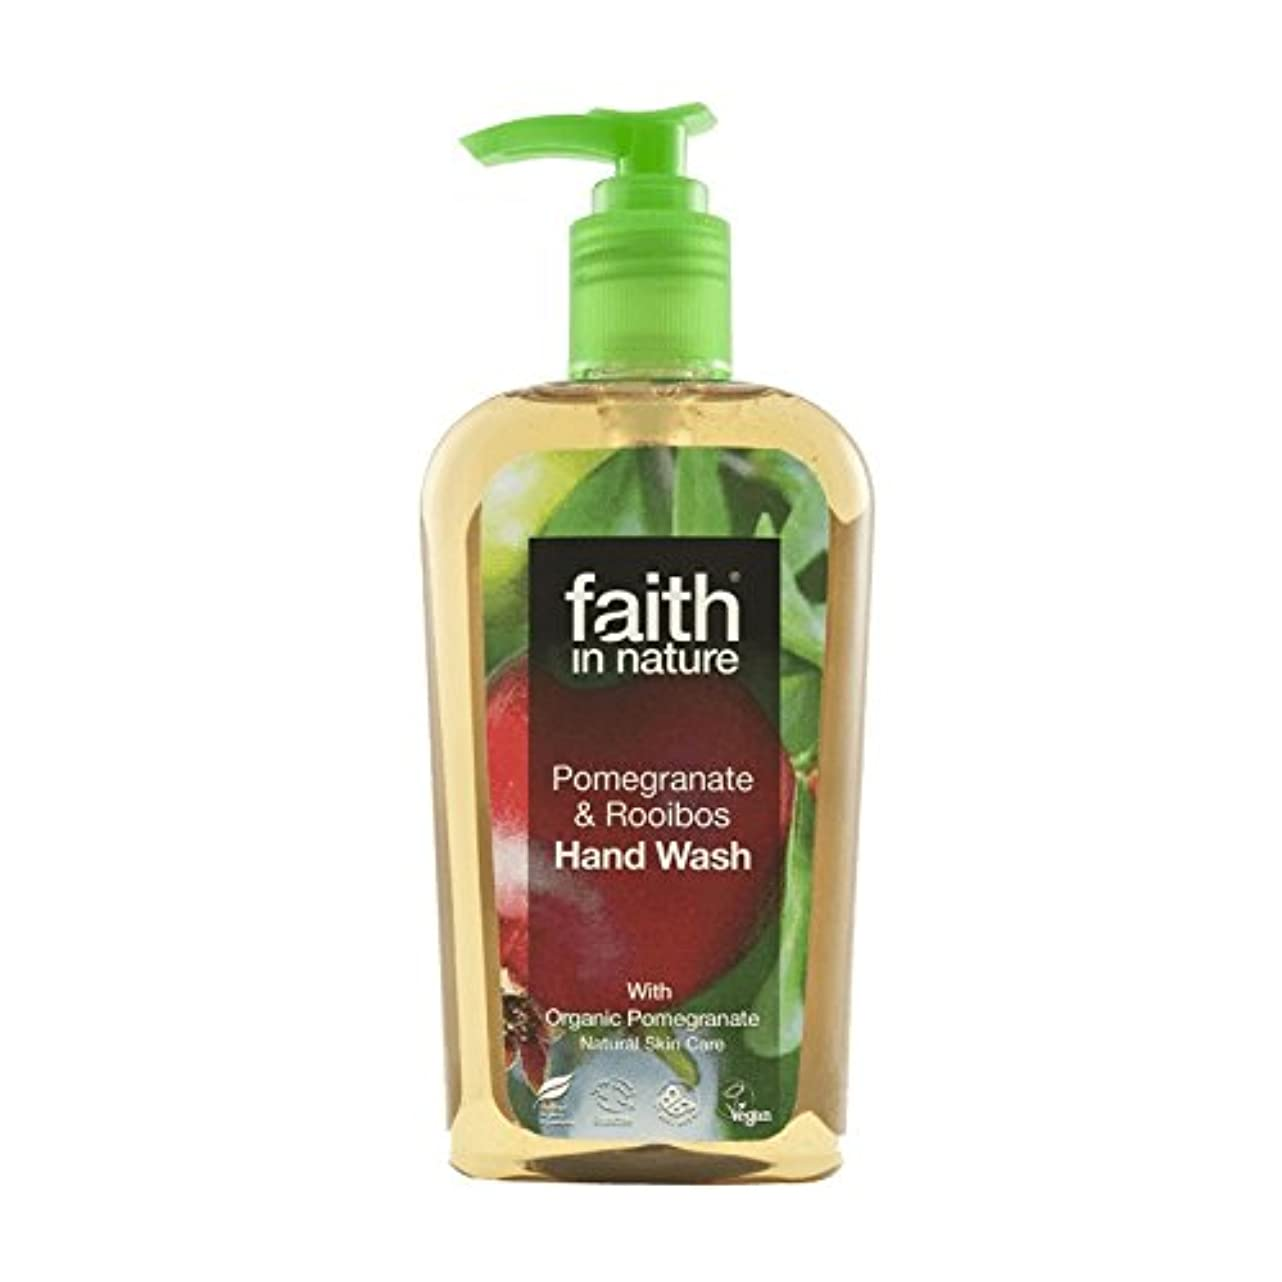 モトリー侵略合理的Faith In Nature Pomegranate & Rooibos Handwash 300ml (Pack of 6) - 自然ザクロ&ルイボス手洗いの300ミリリットルの信仰 (x6) [並行輸入品]